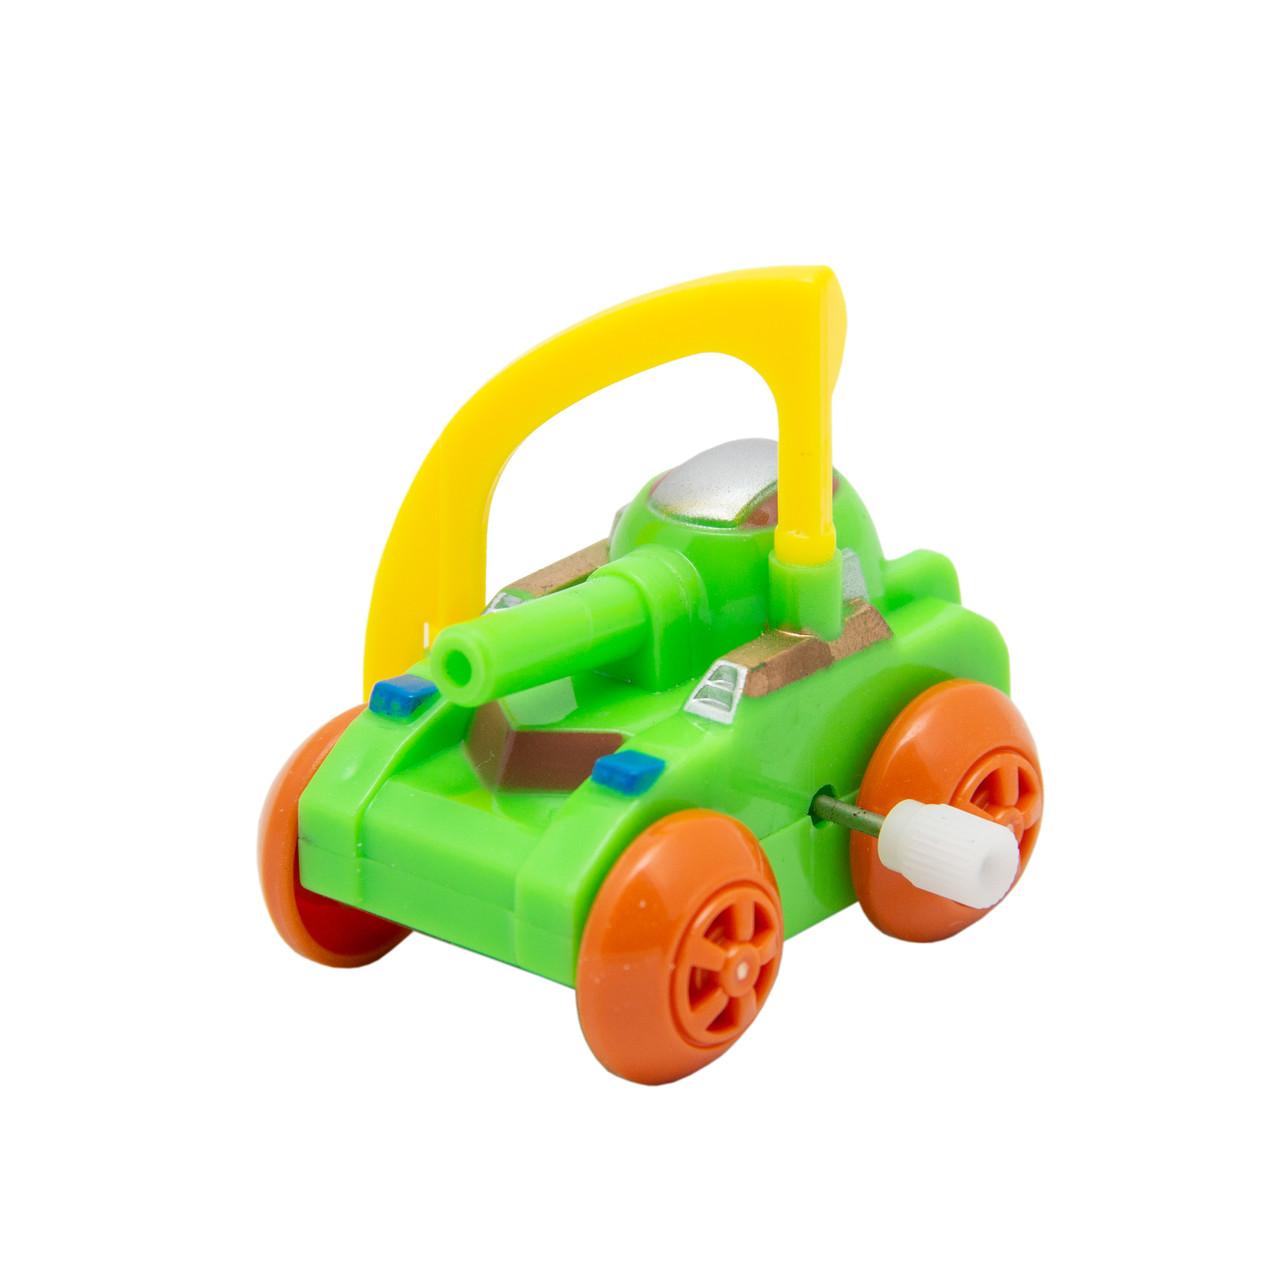 Танк заводной Aohua зеленый с желтым,4,5 см, пластик. (8074A-3-3)